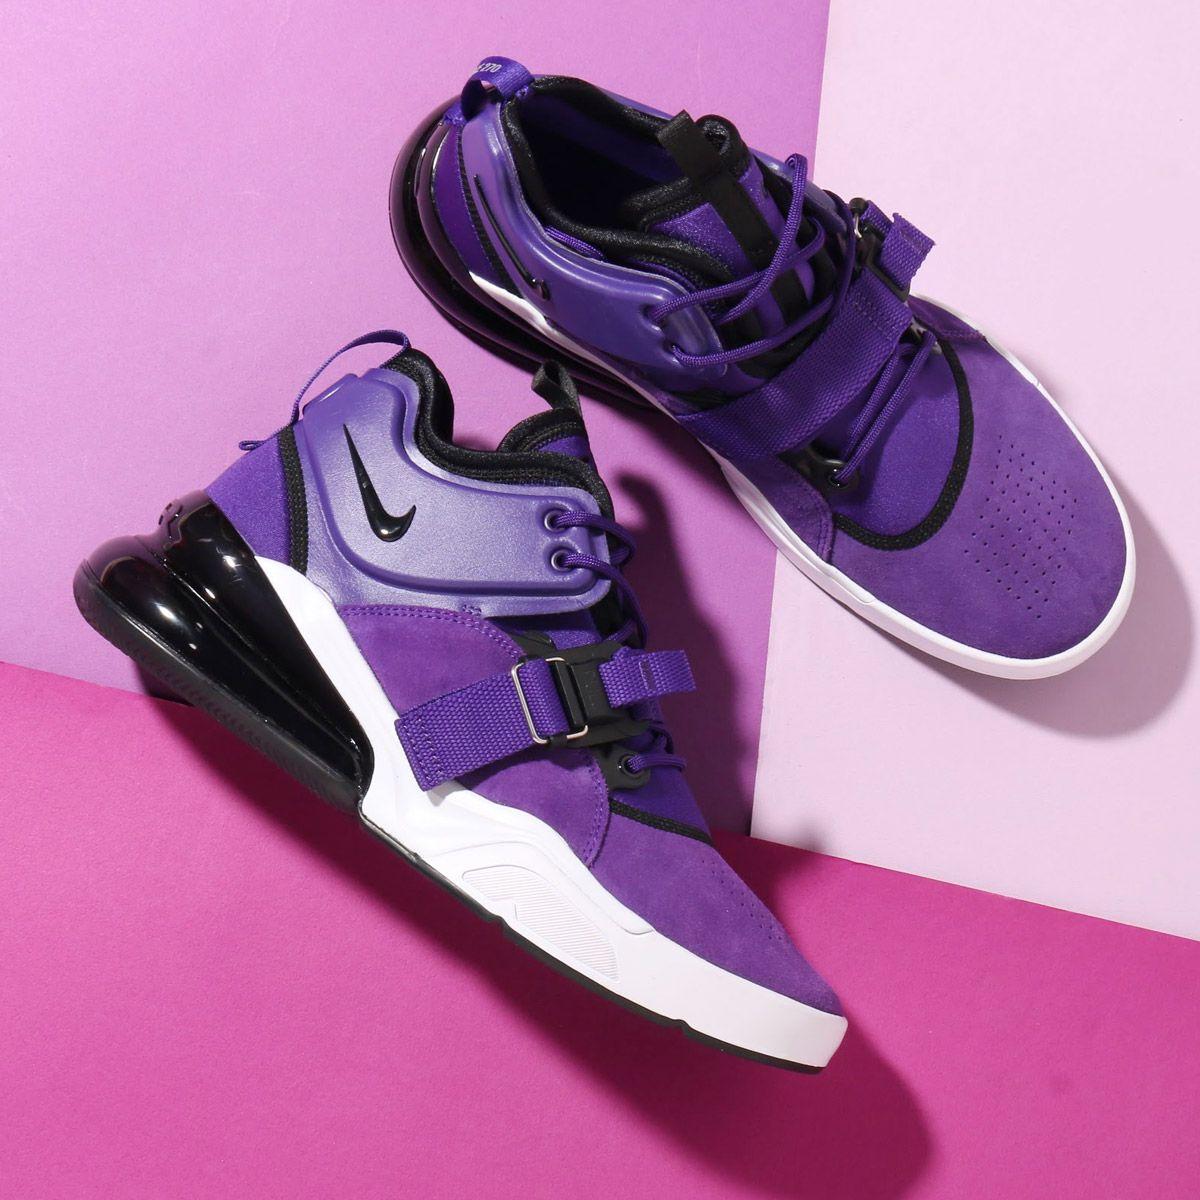 Nike Air Force 270 Qs Court Purple Aq1000 500 Usd 200 Hkd 1570